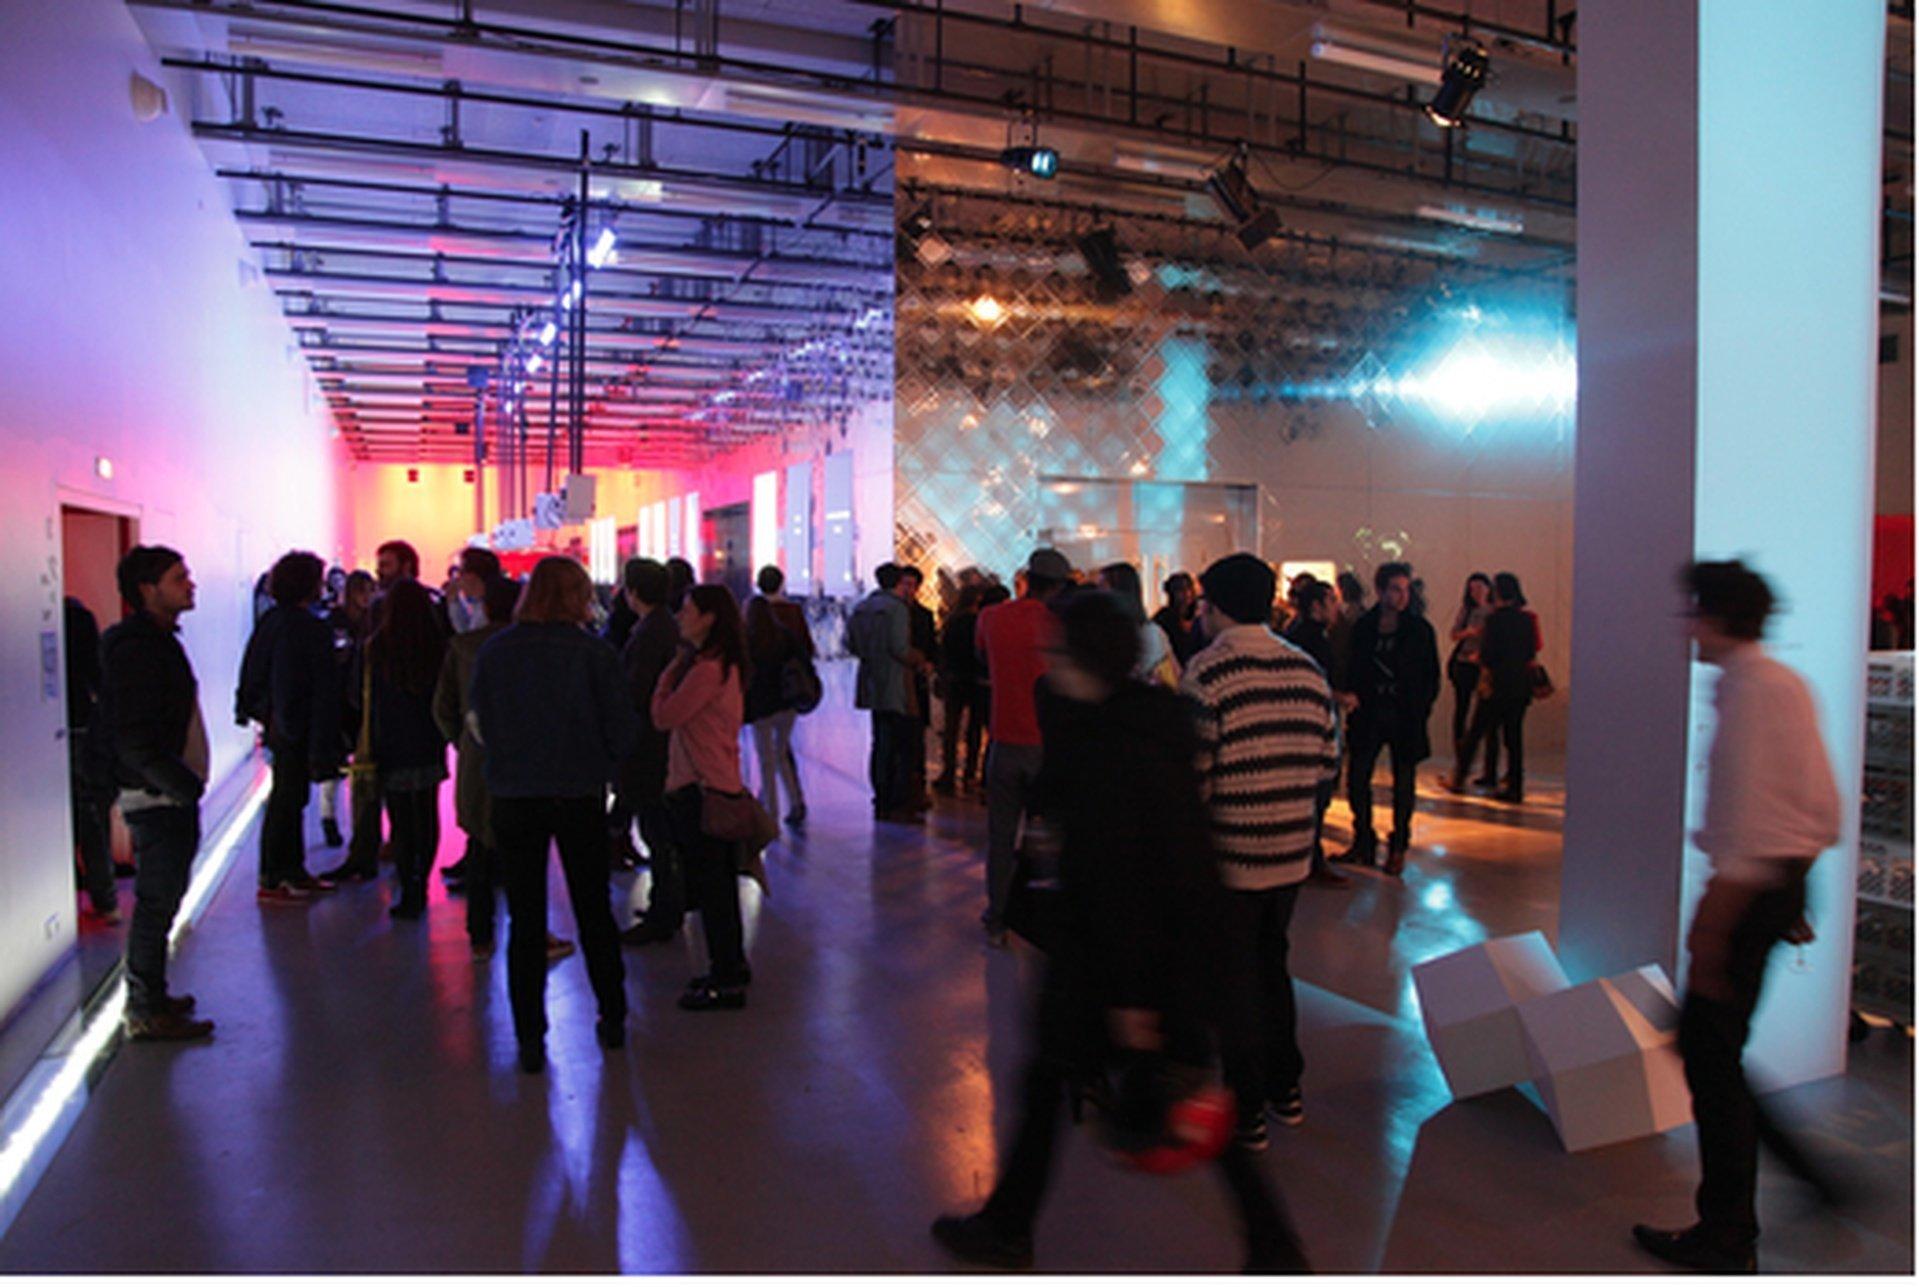 Paris corporate event venues Party room La gaîte lyrique - Modern foyer image 0